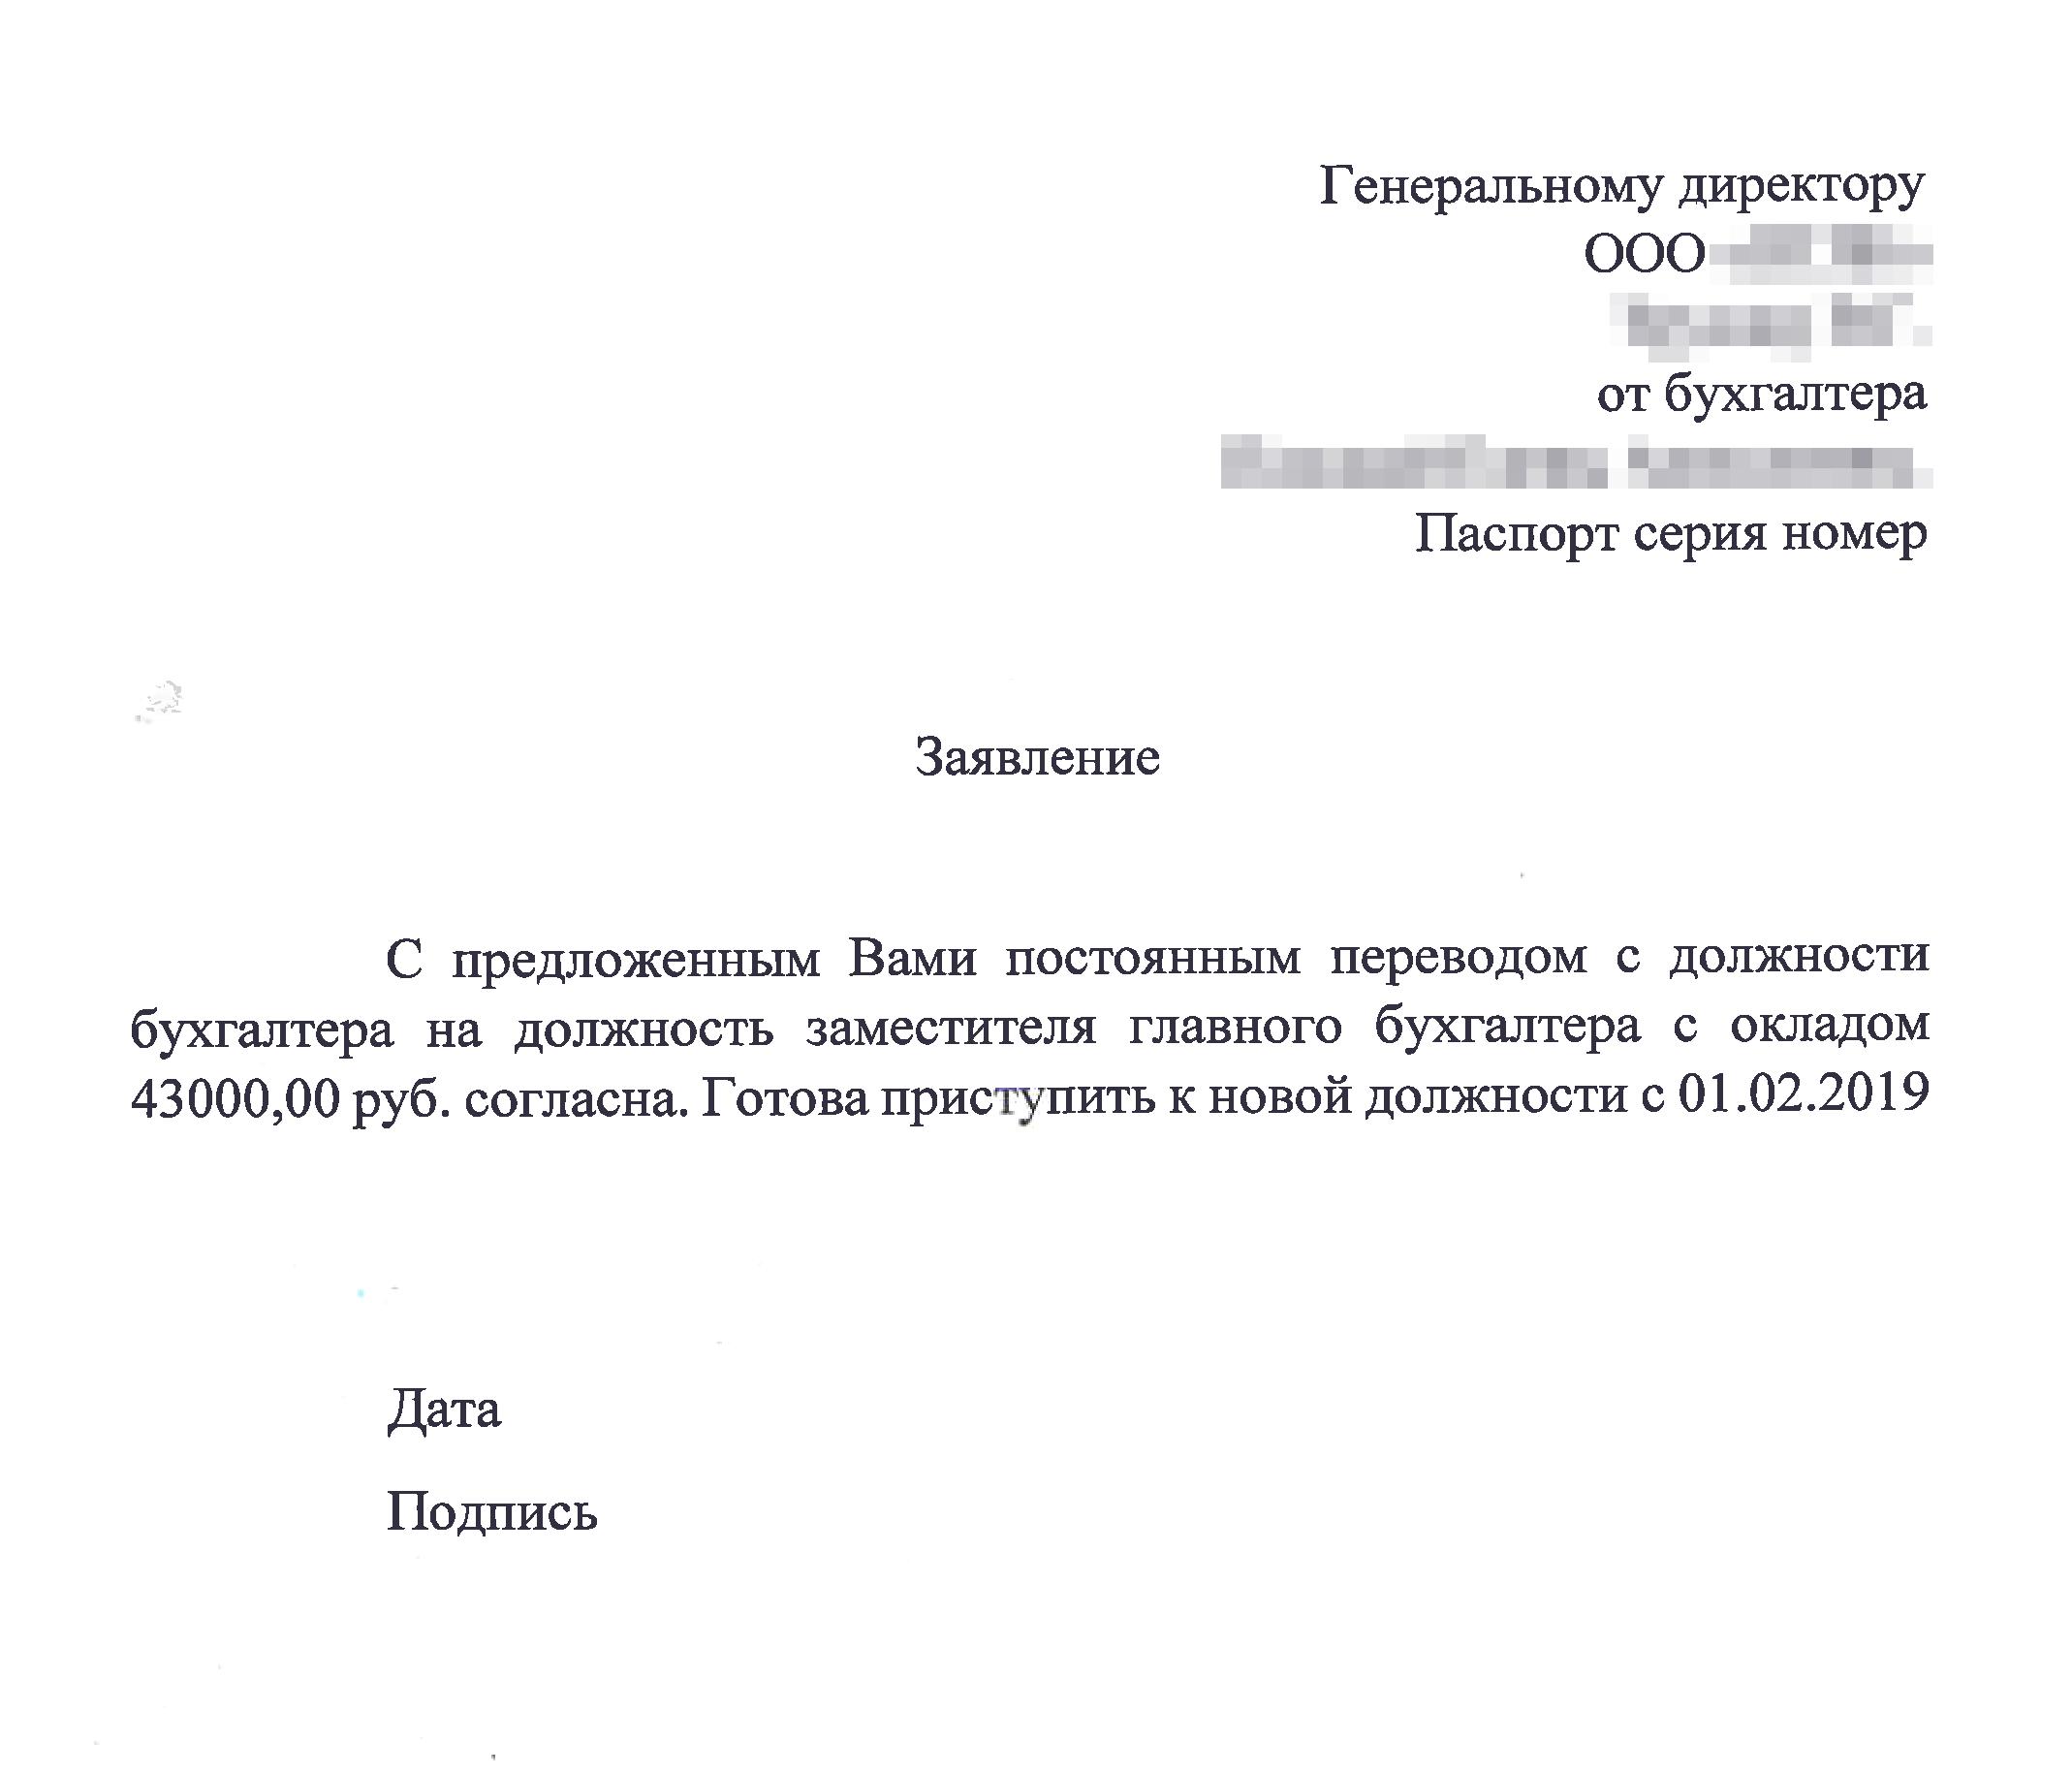 Пример согласия сотрудника на перевод на другую работу